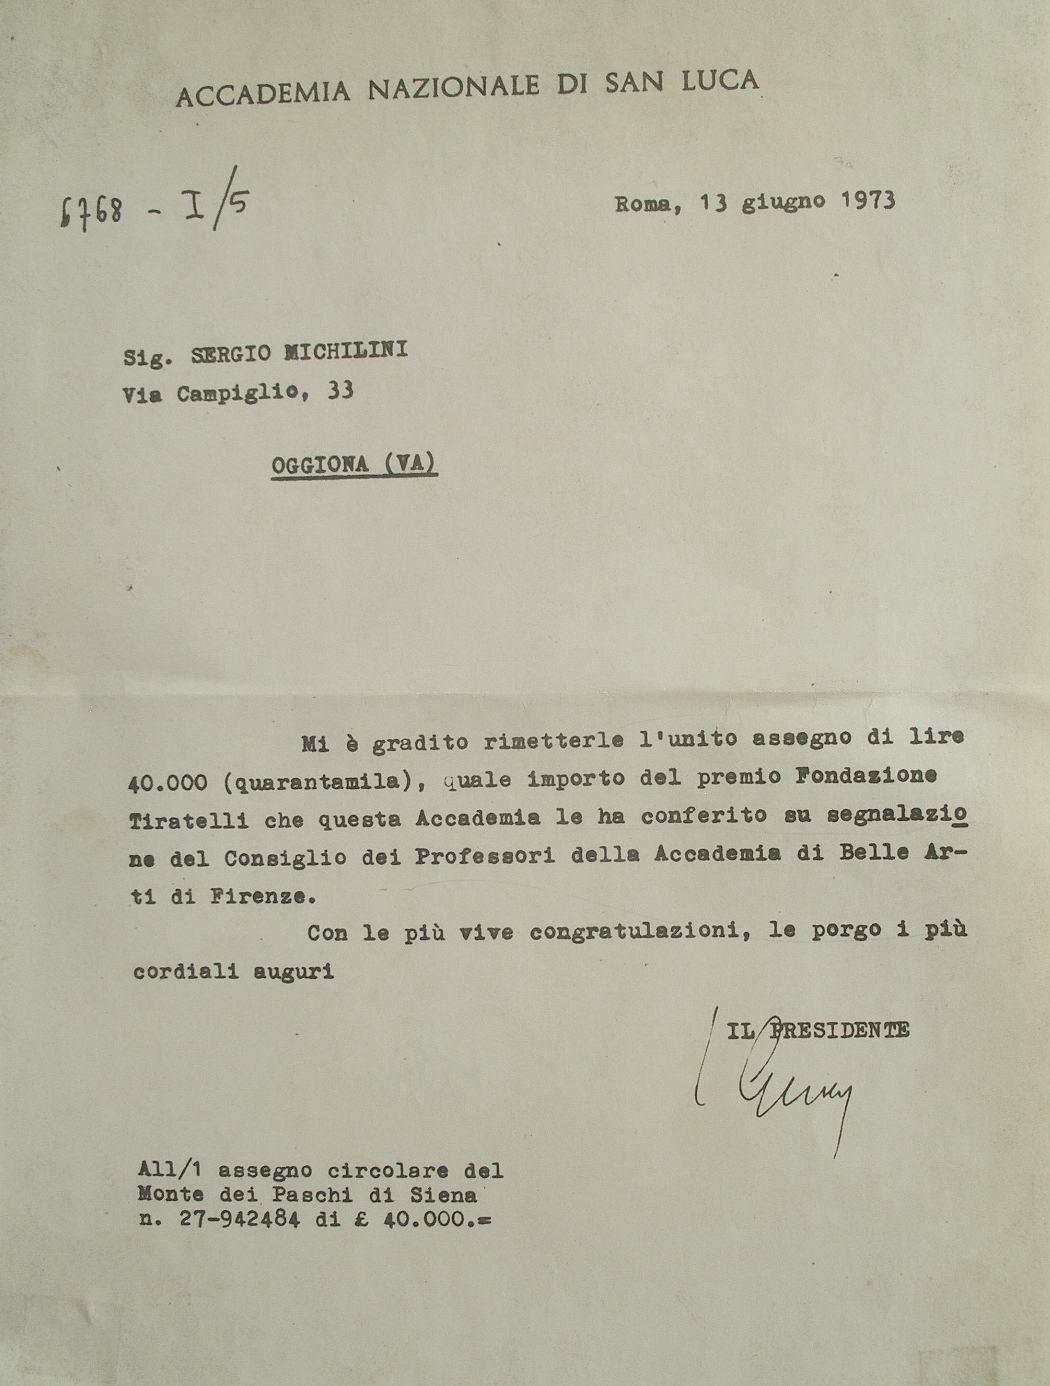 1973 Premio della Accademia di San Luca